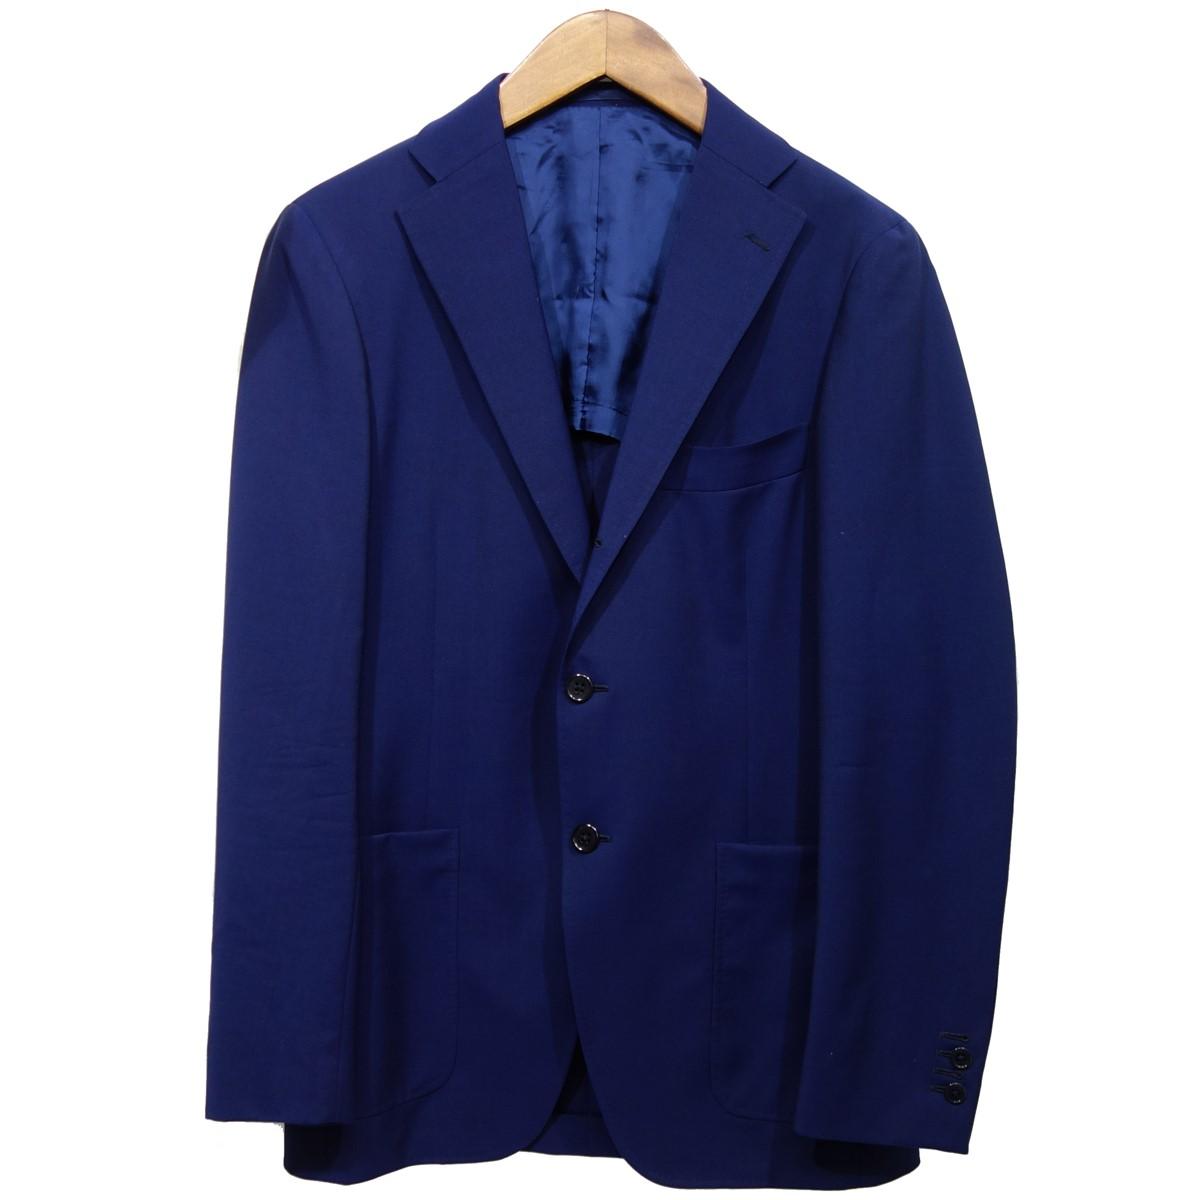 【中古】SHIPS by RING JACKET ウール3Bテーラードジャケット ブルー サイズ:44 【090220】(シップスバイリングジャケット)